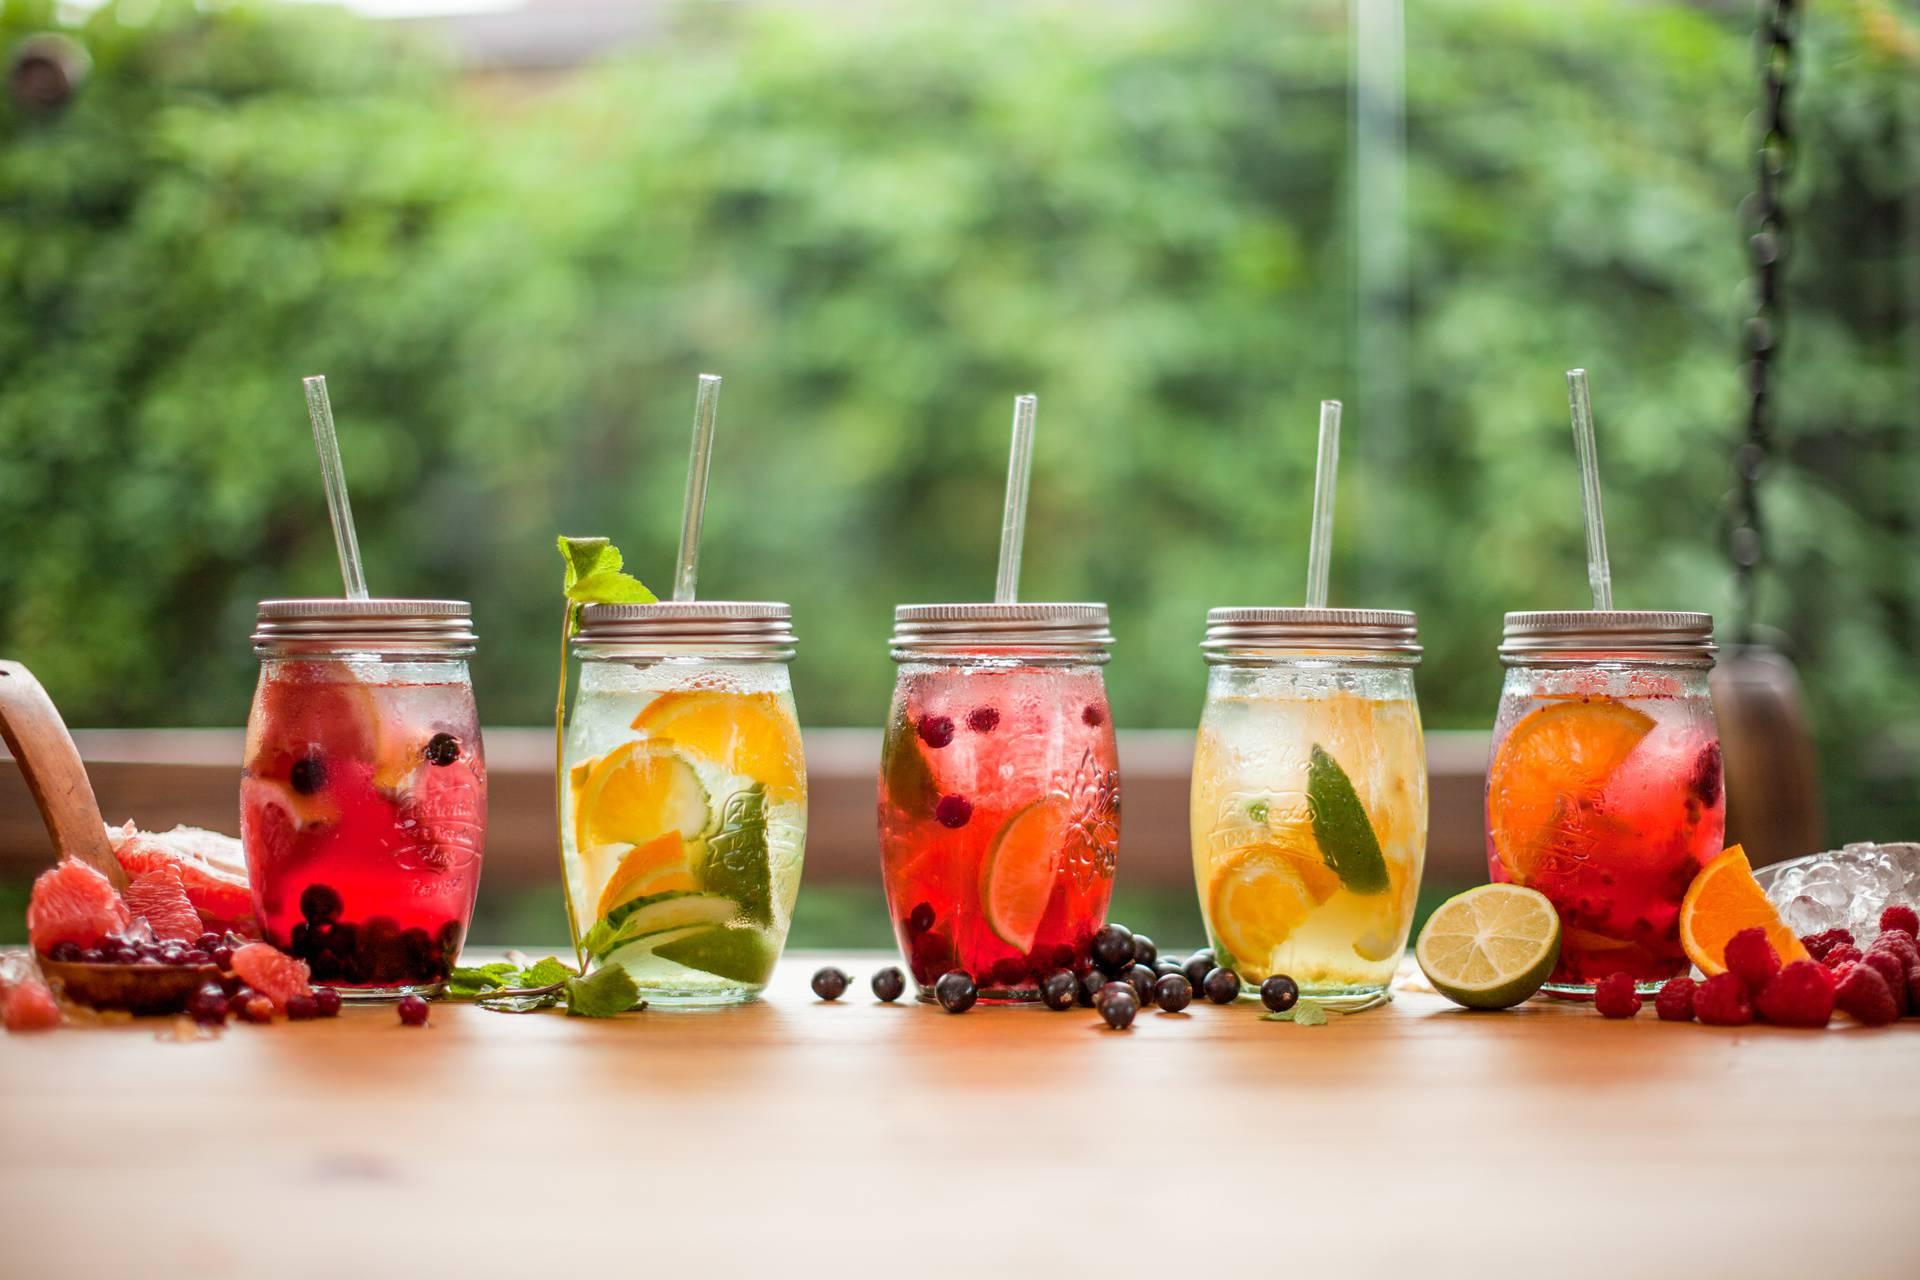 Ljetna hrana koja nas vraća u život i savršeno rehidrira tijelo